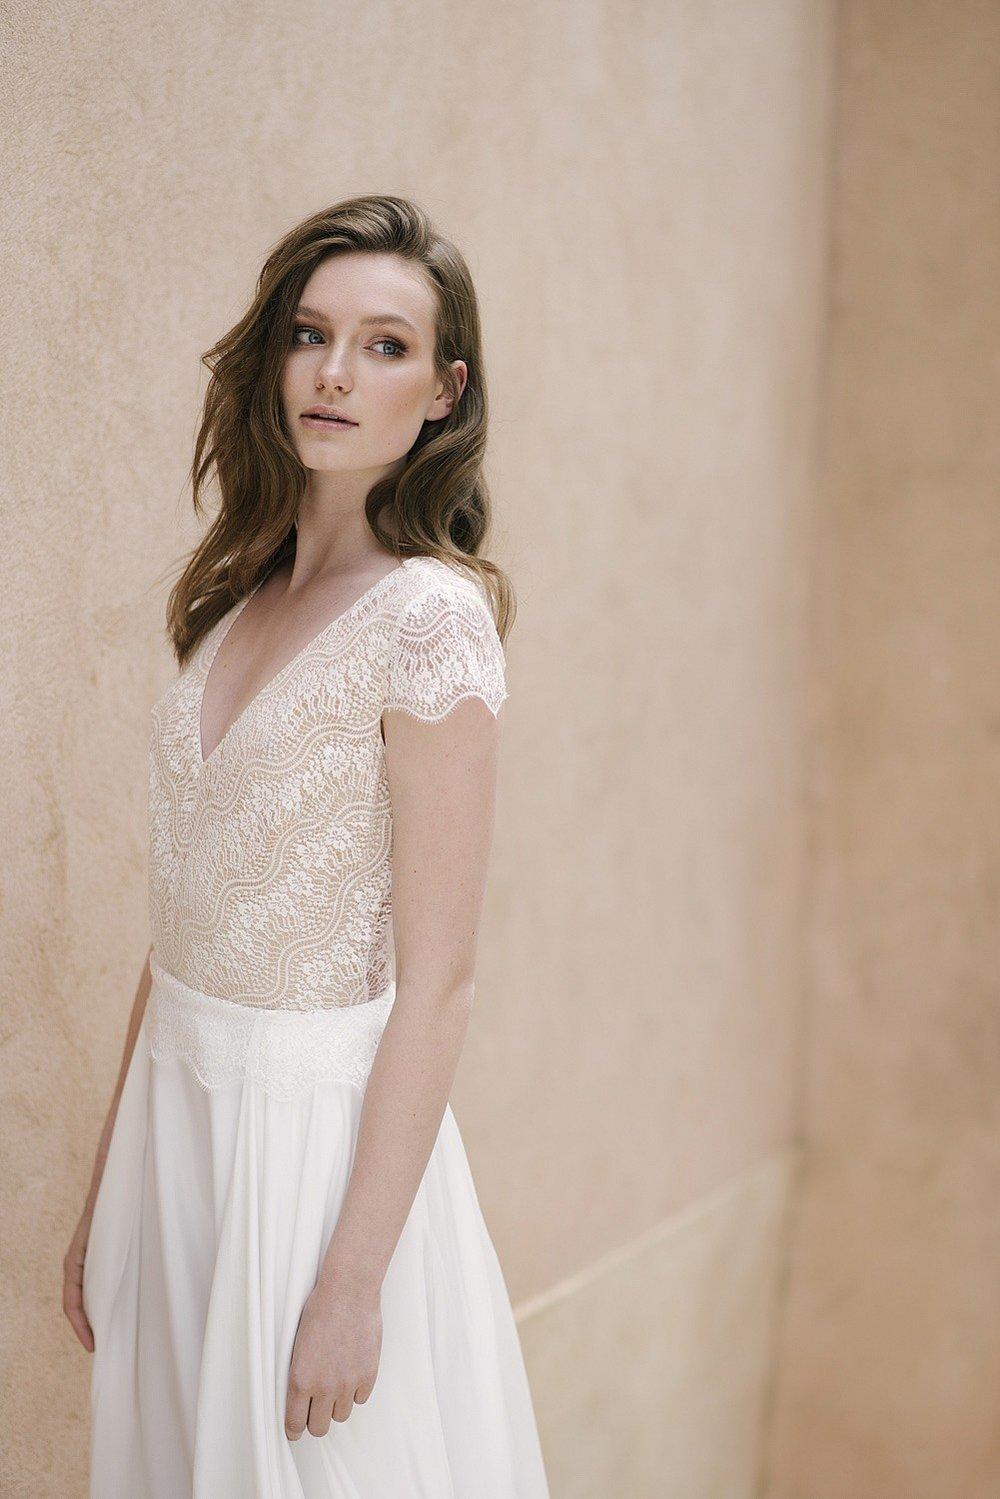 Romantisches Hochzeitskleid Spitze